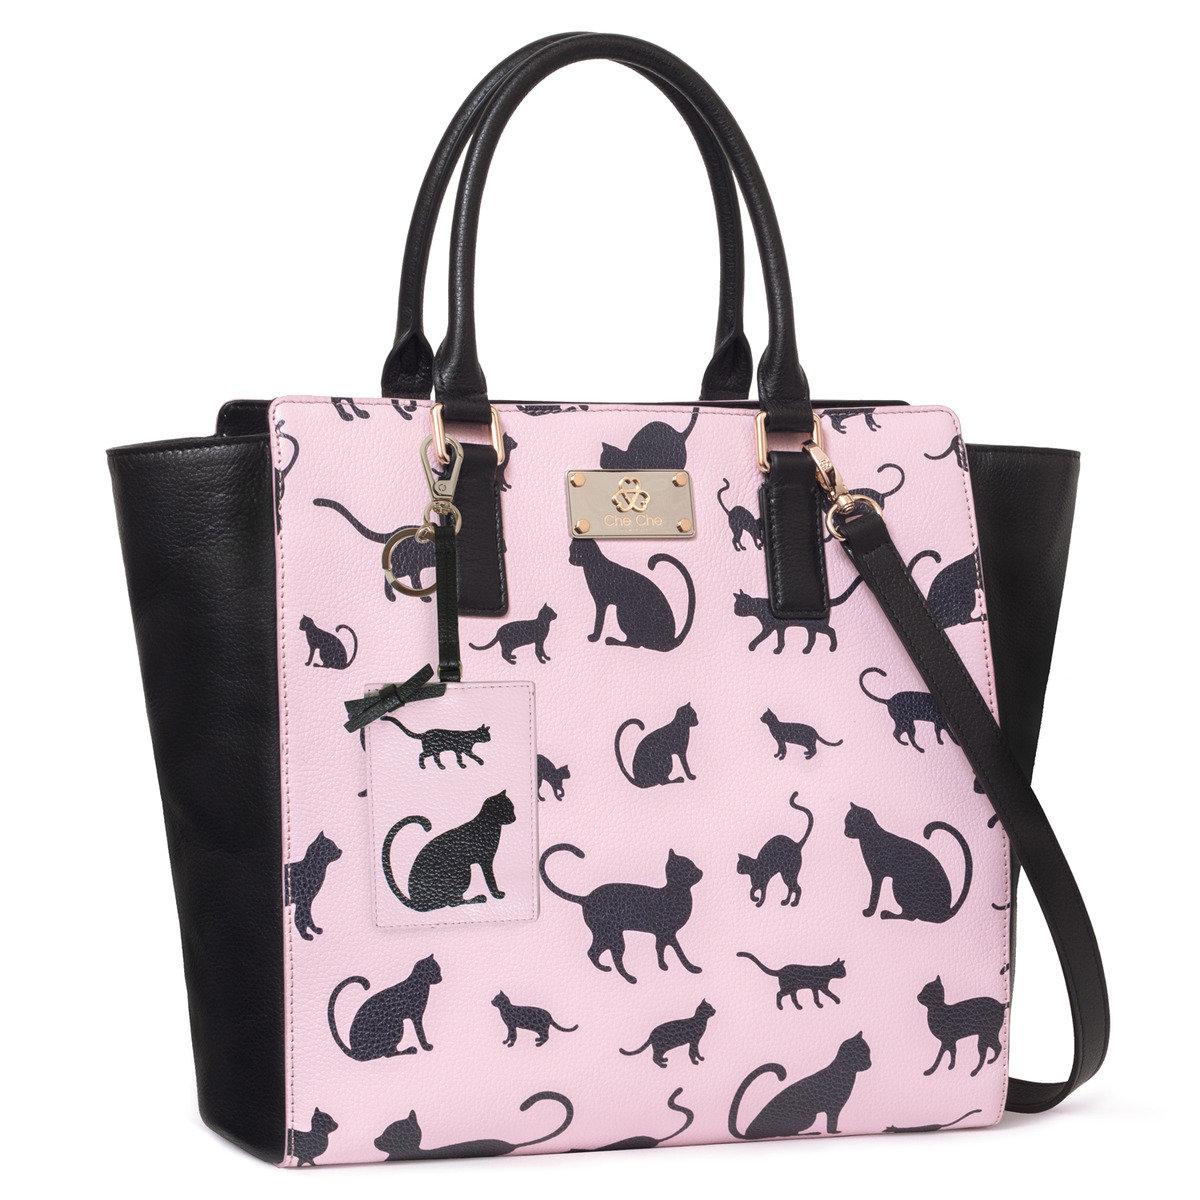 時尚貓剪影印花牛皮手提袋